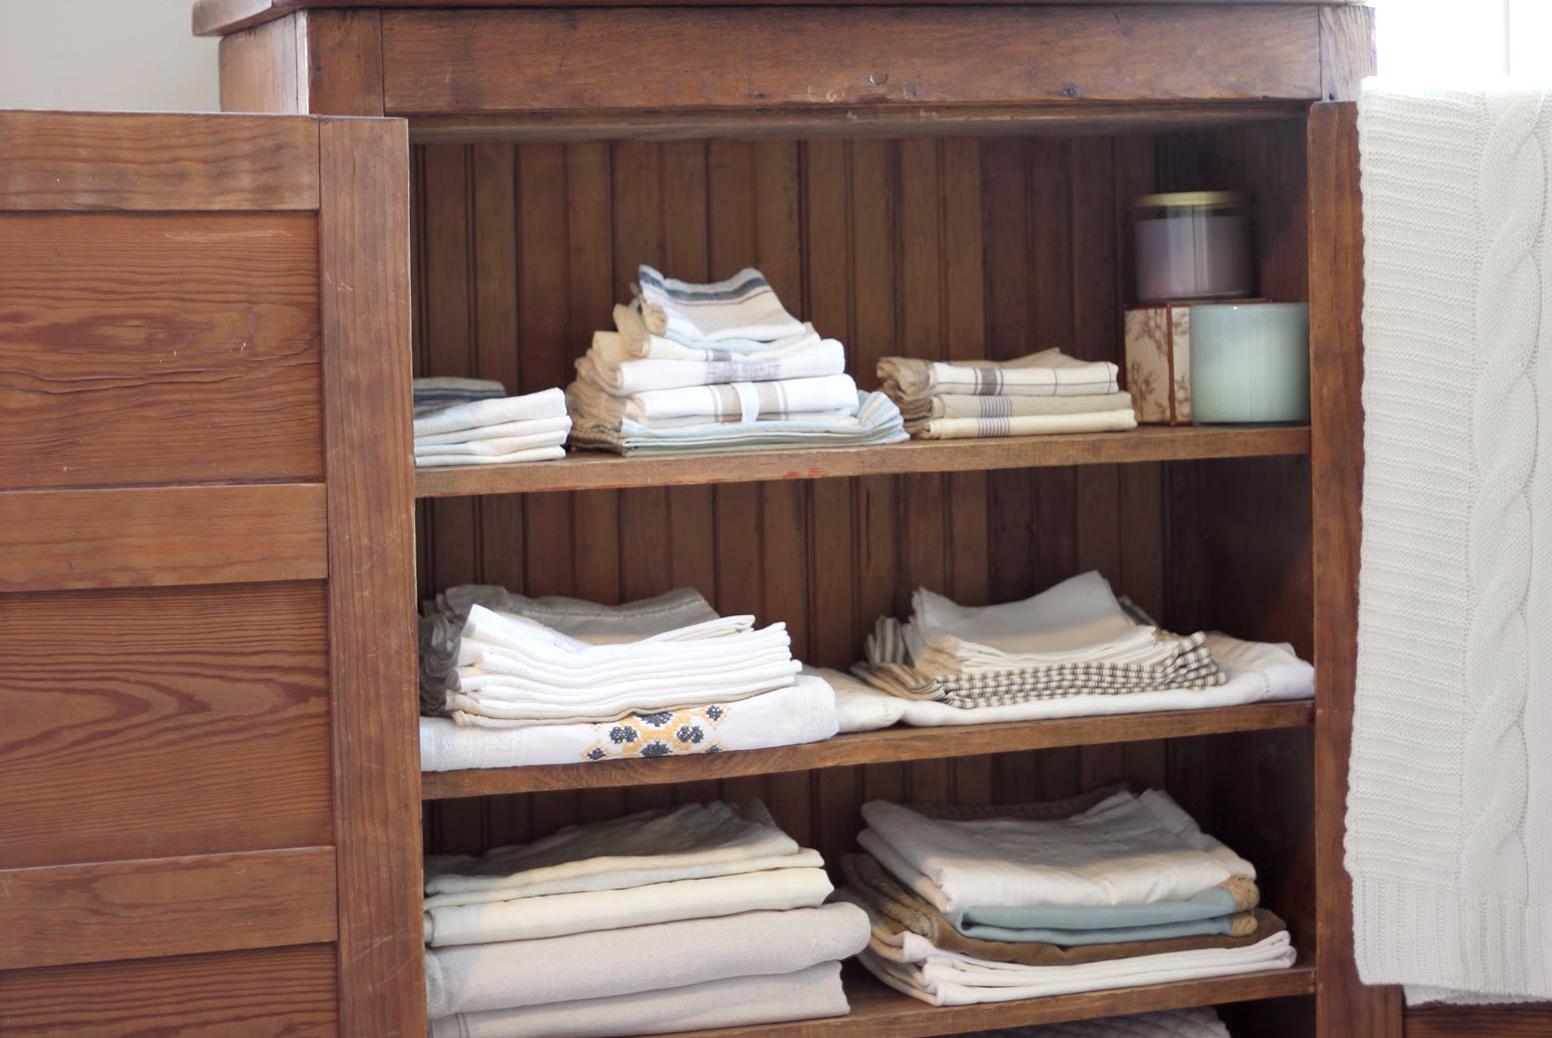 Linen Closet Shelf Organizers